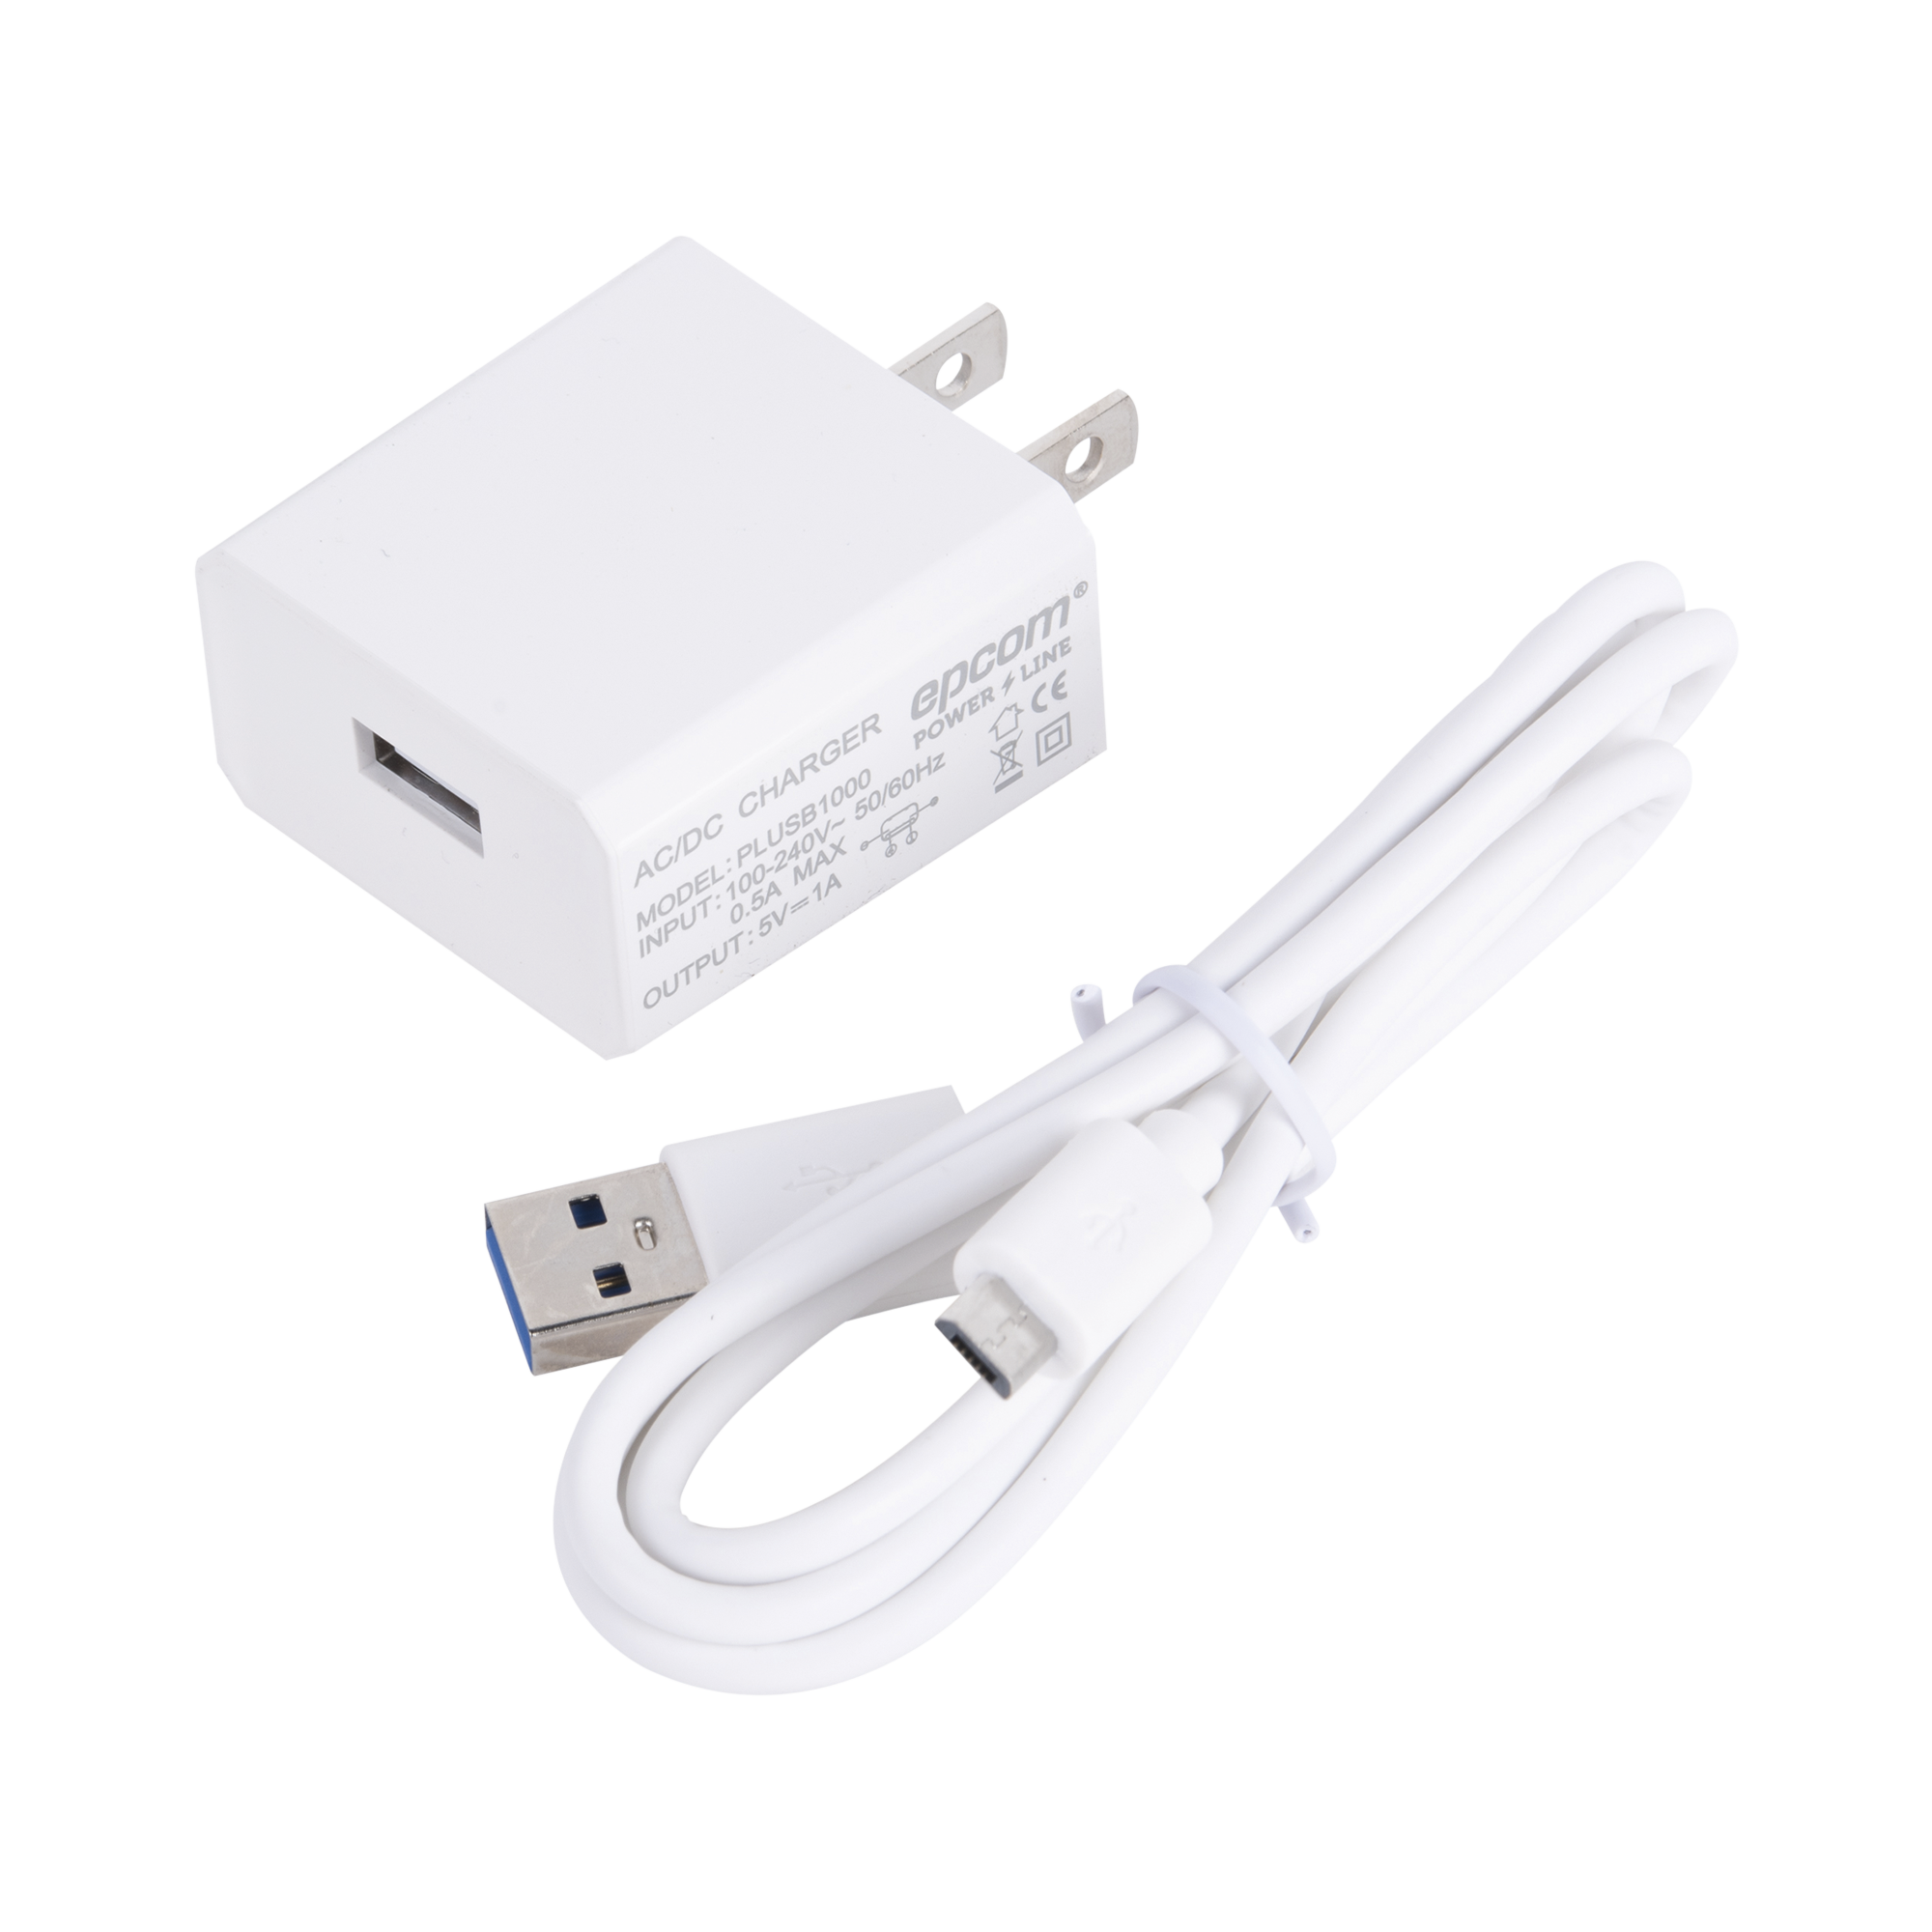 Cargador USB profesional de 1 Puerto, de 5 Vcc, 1 Amper Para Smartphones y Tablets; Voltaje de entrada de 100-240 Vca